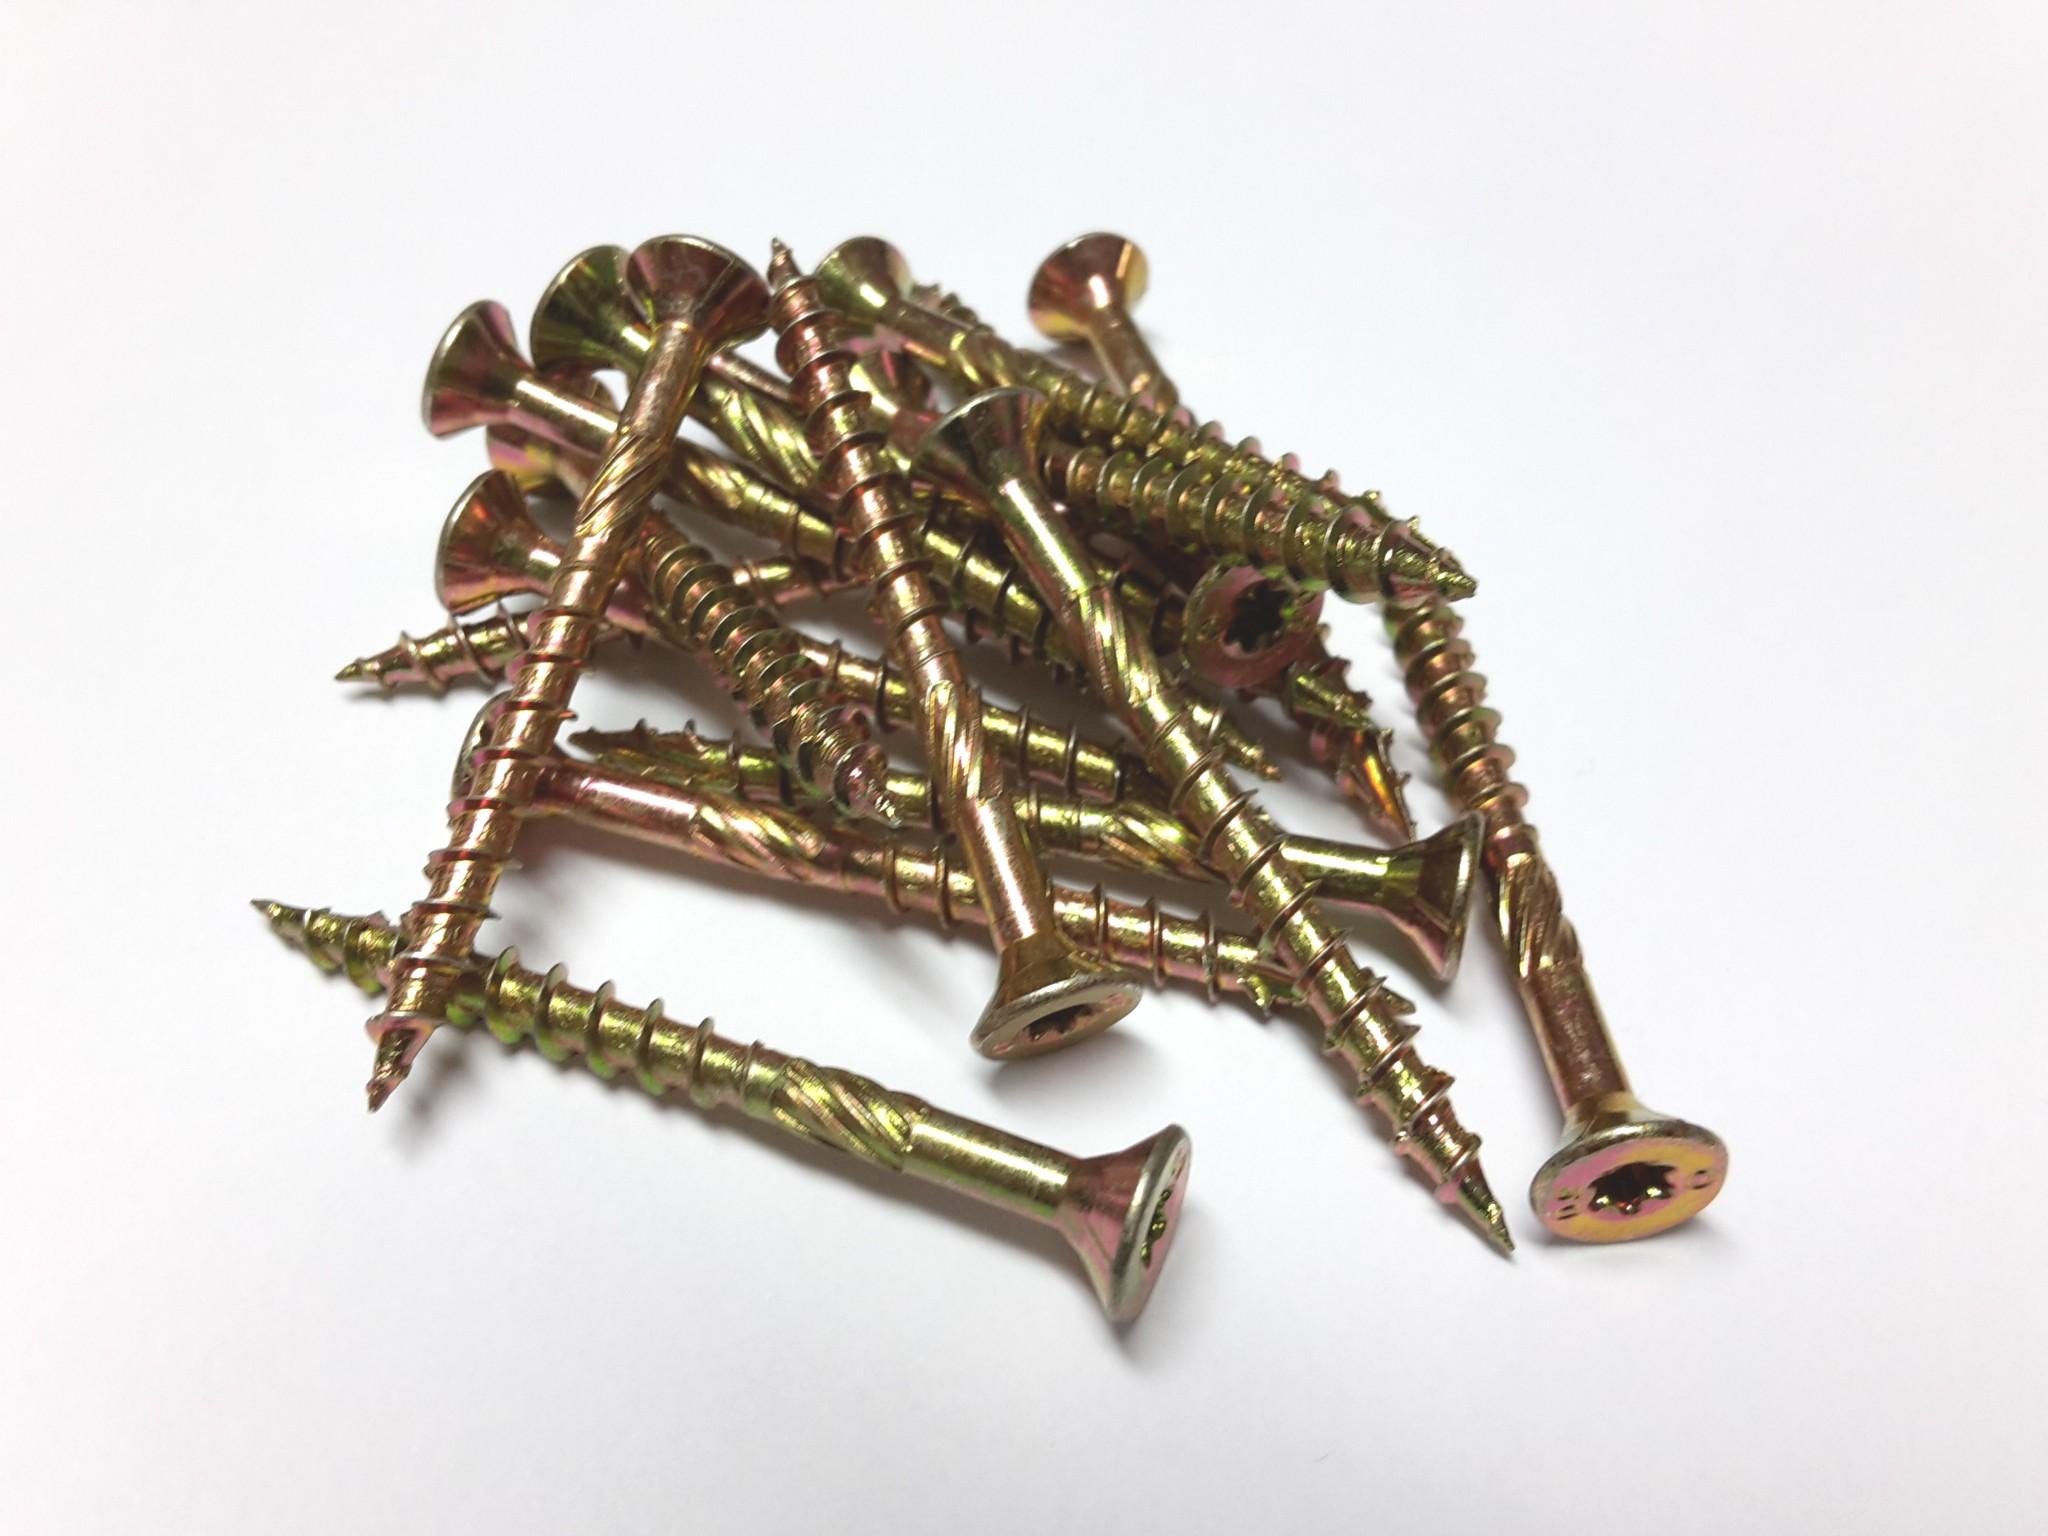 50 Schrauben Inbusschrauben M3x10mm DIN7984 verzinkter Stahl Fu/ßabdrucks 2mm Alle C18134 Aerzetix